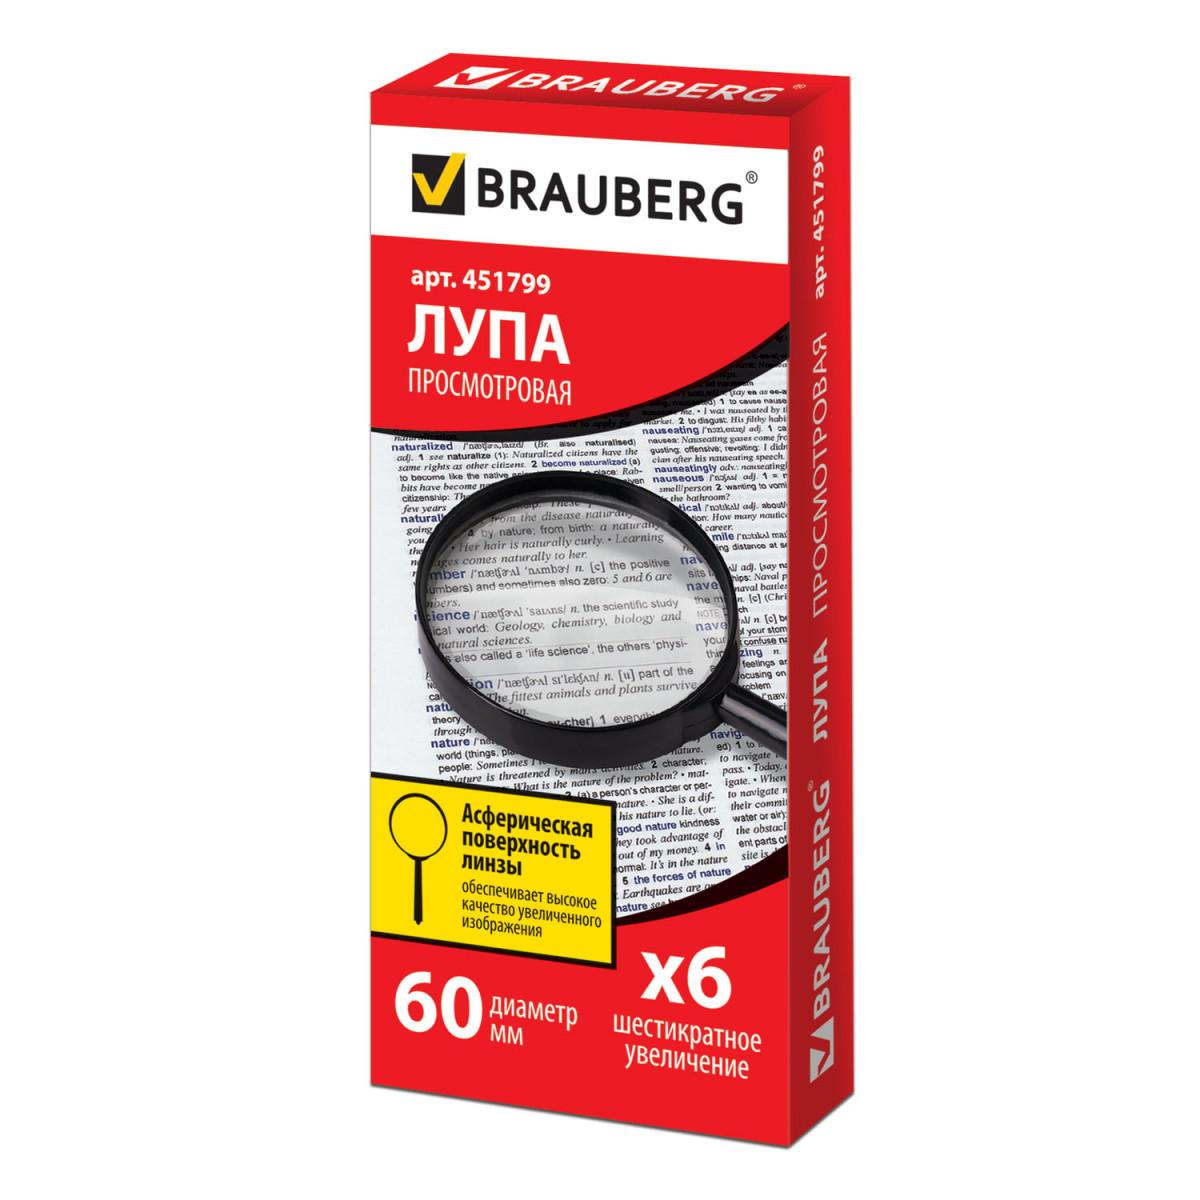 Лупа просмотровая BRAUBERG, диаметр 60 мм, увеличение 6, 451799 (арт. 451799)